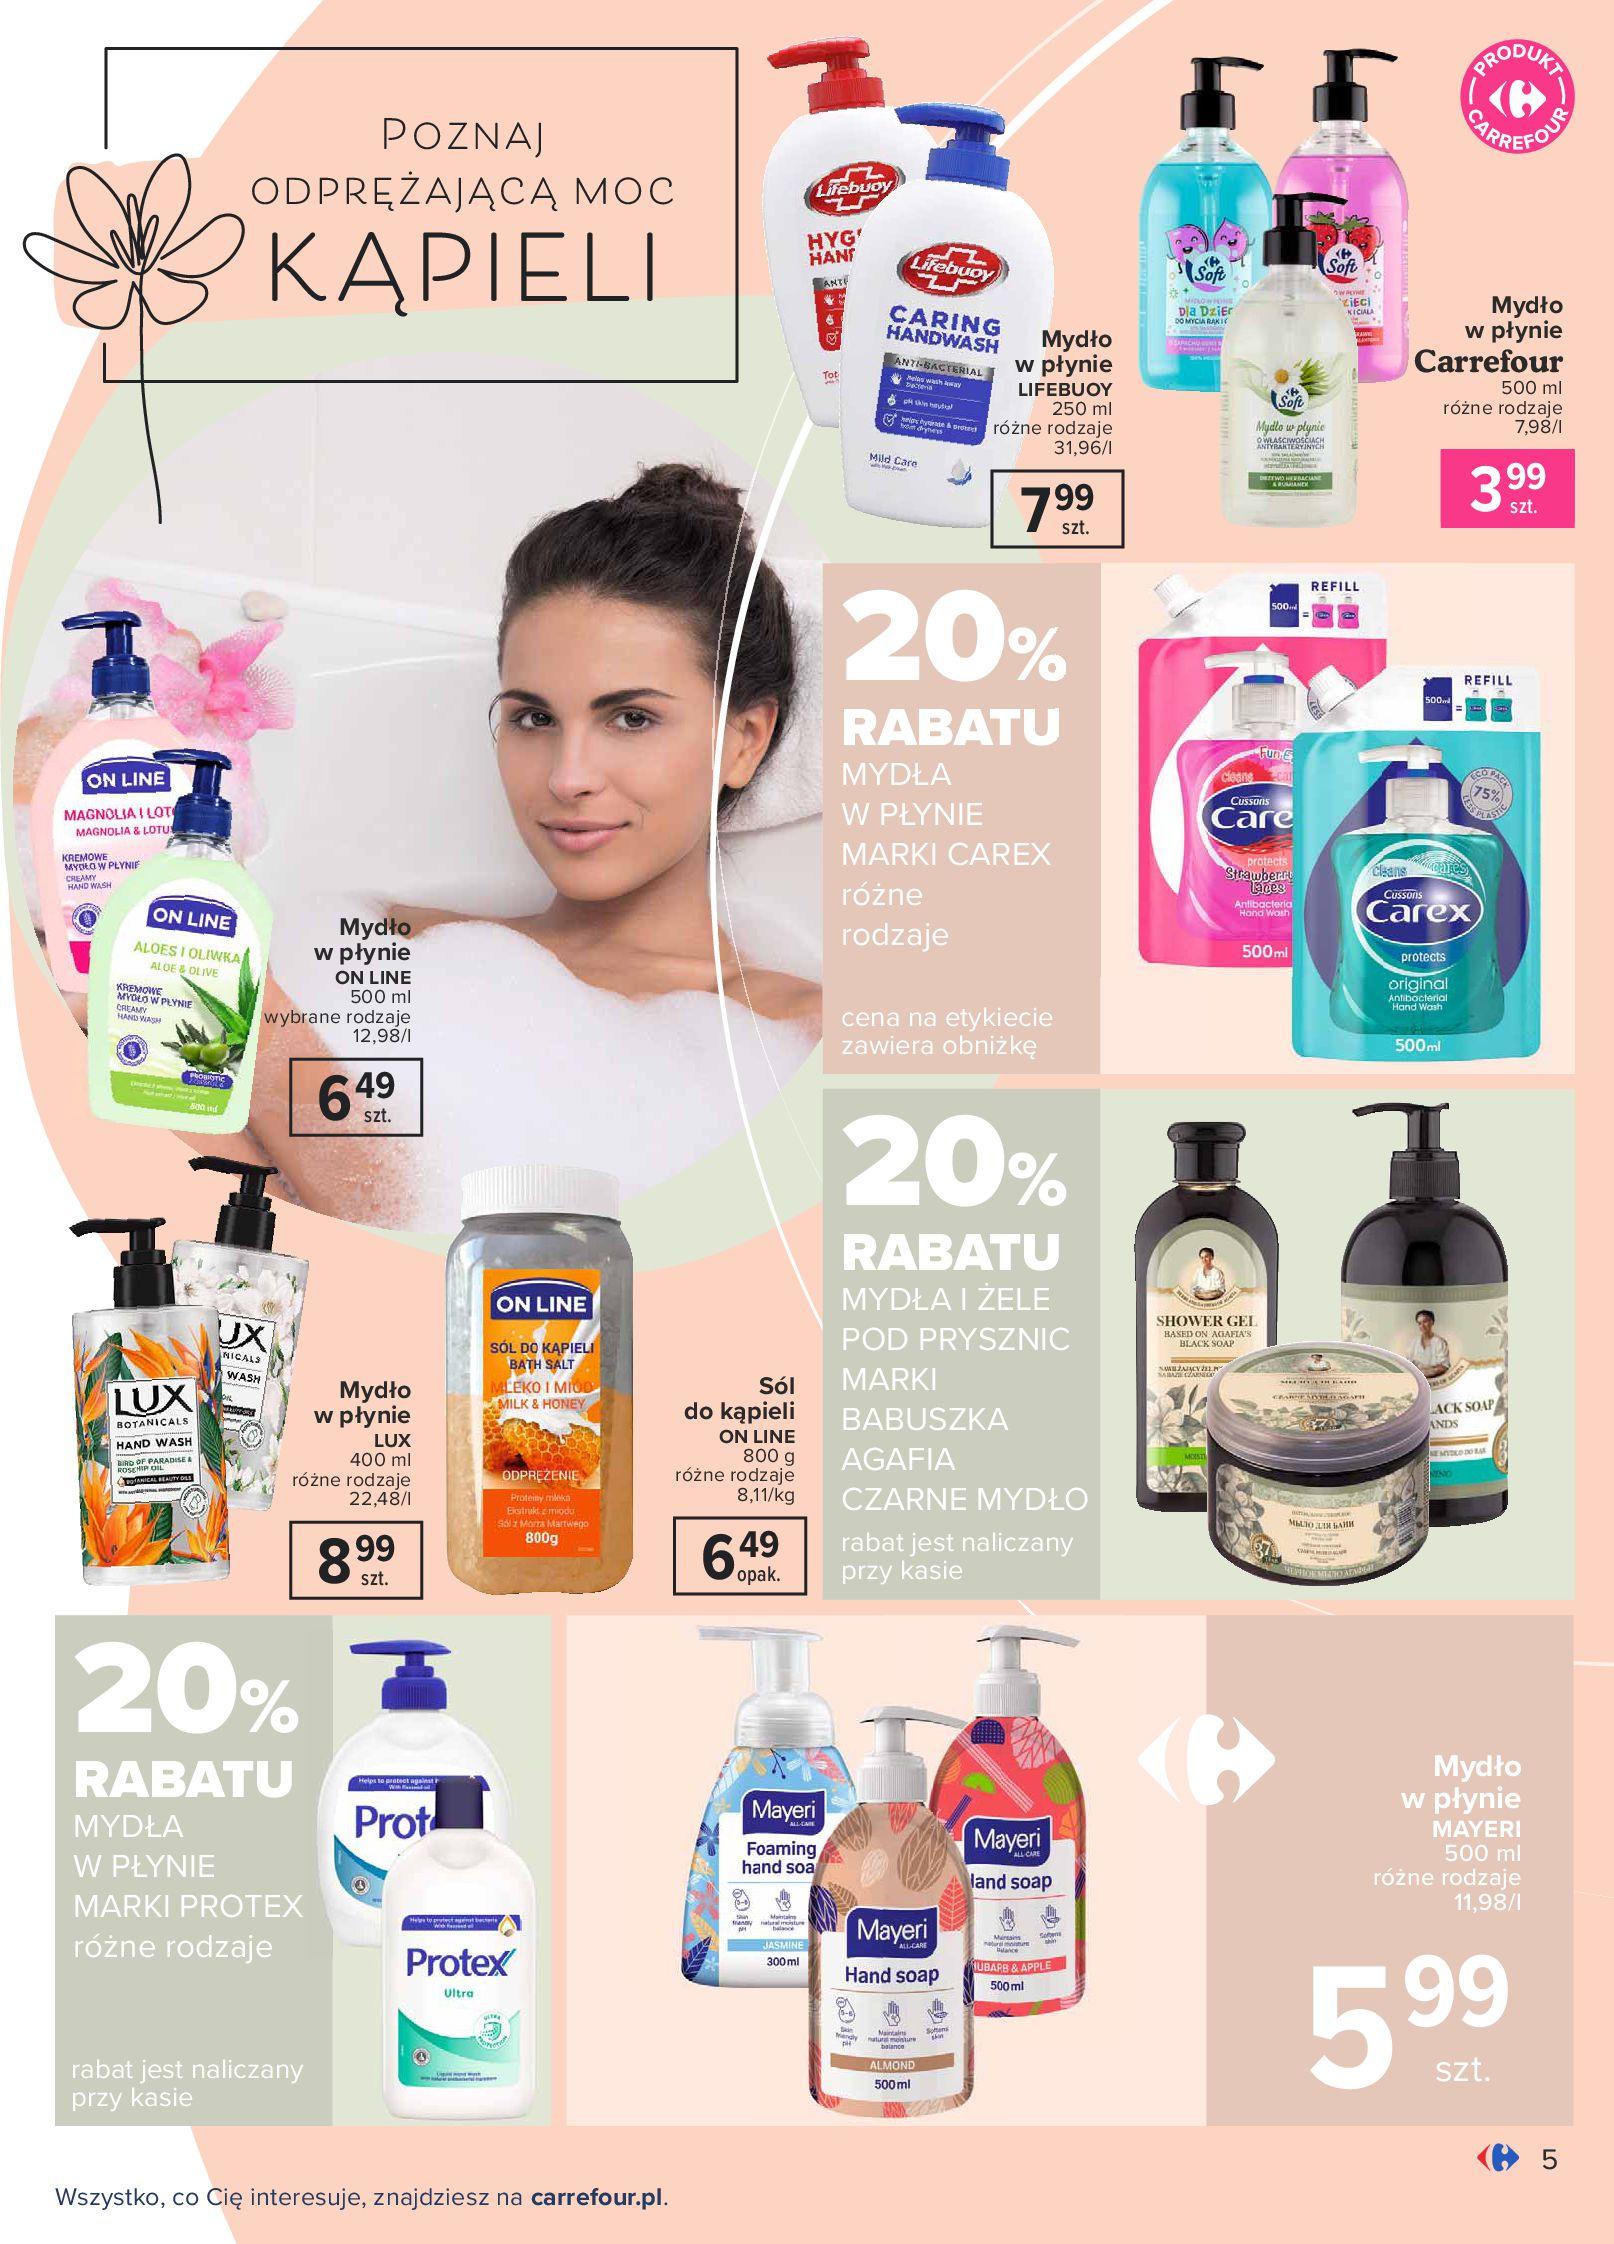 Gazetka Carrefour: Gazetka Carrefour Odkryj źródło piękna 2021-09-14 page-5